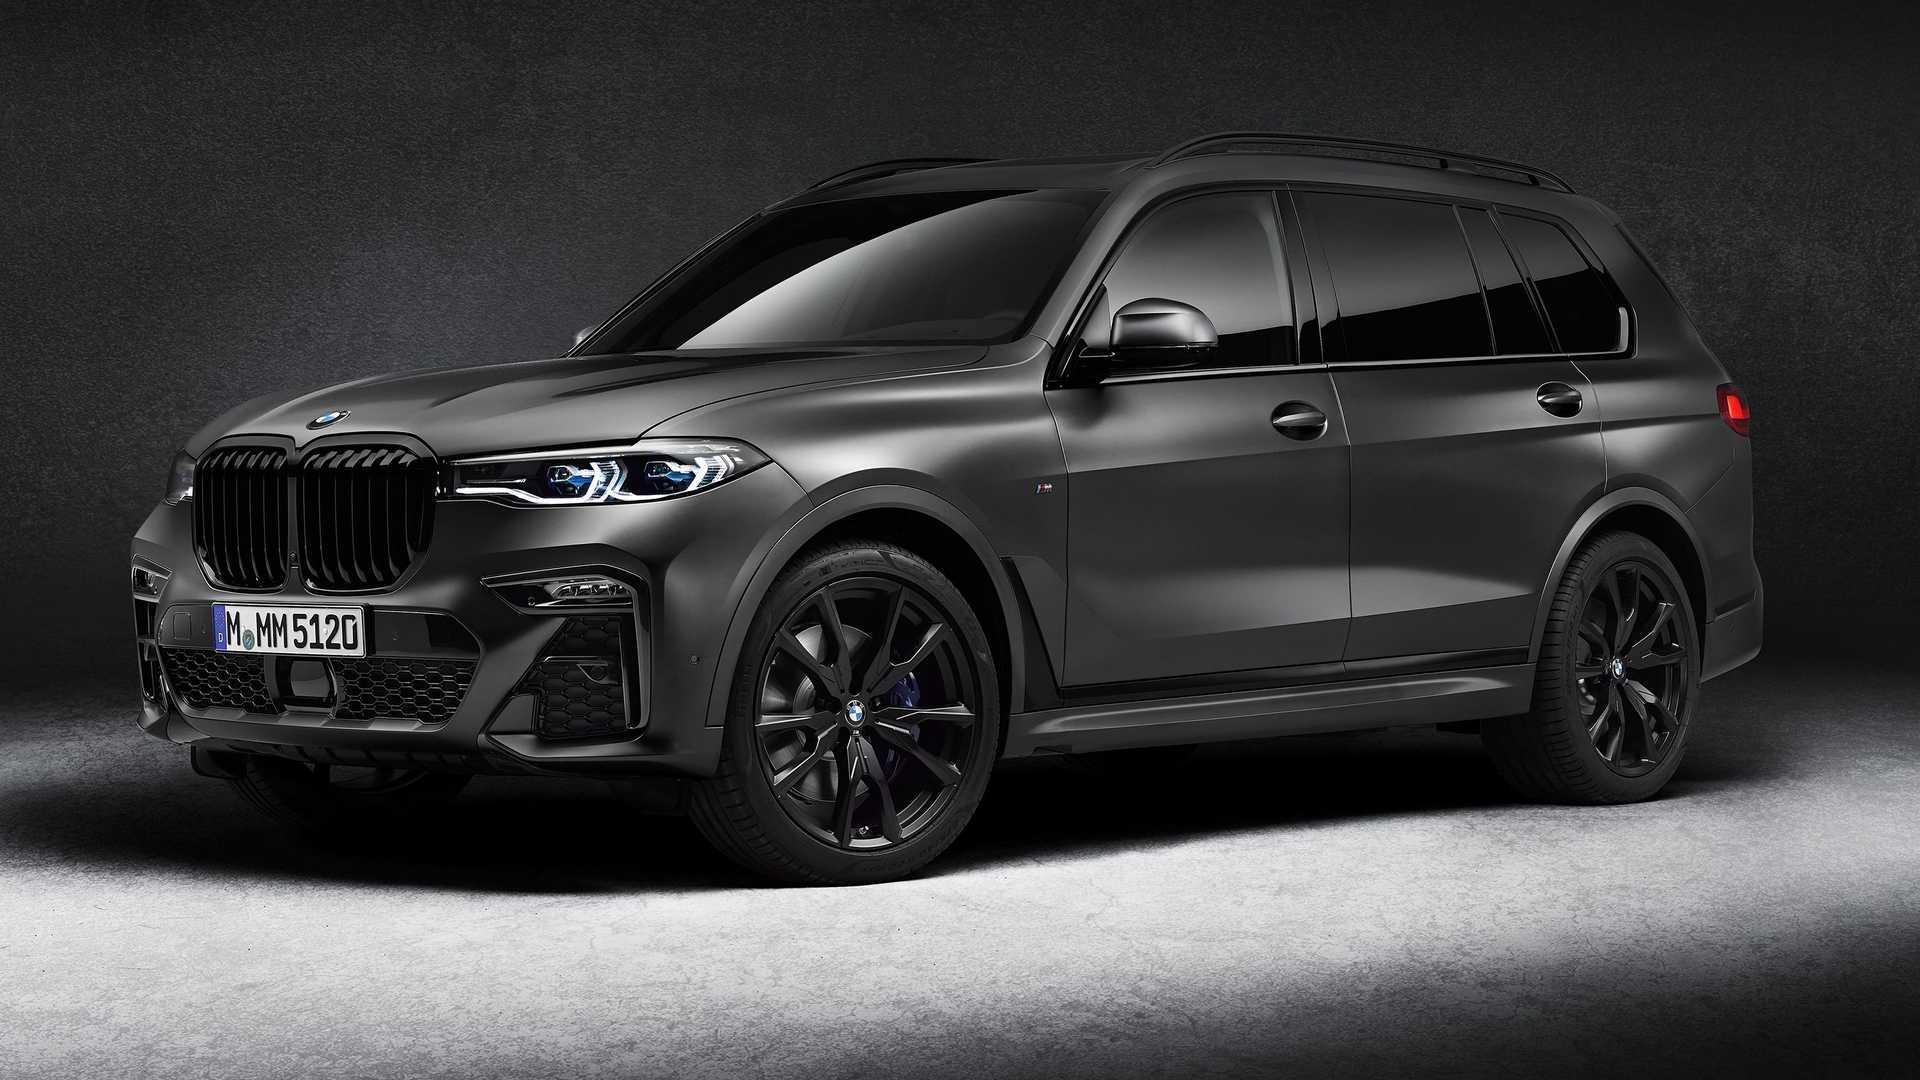 Νέα «σκοτεινή» και πολυτελής έκδοση για την BMW X7 [pics]